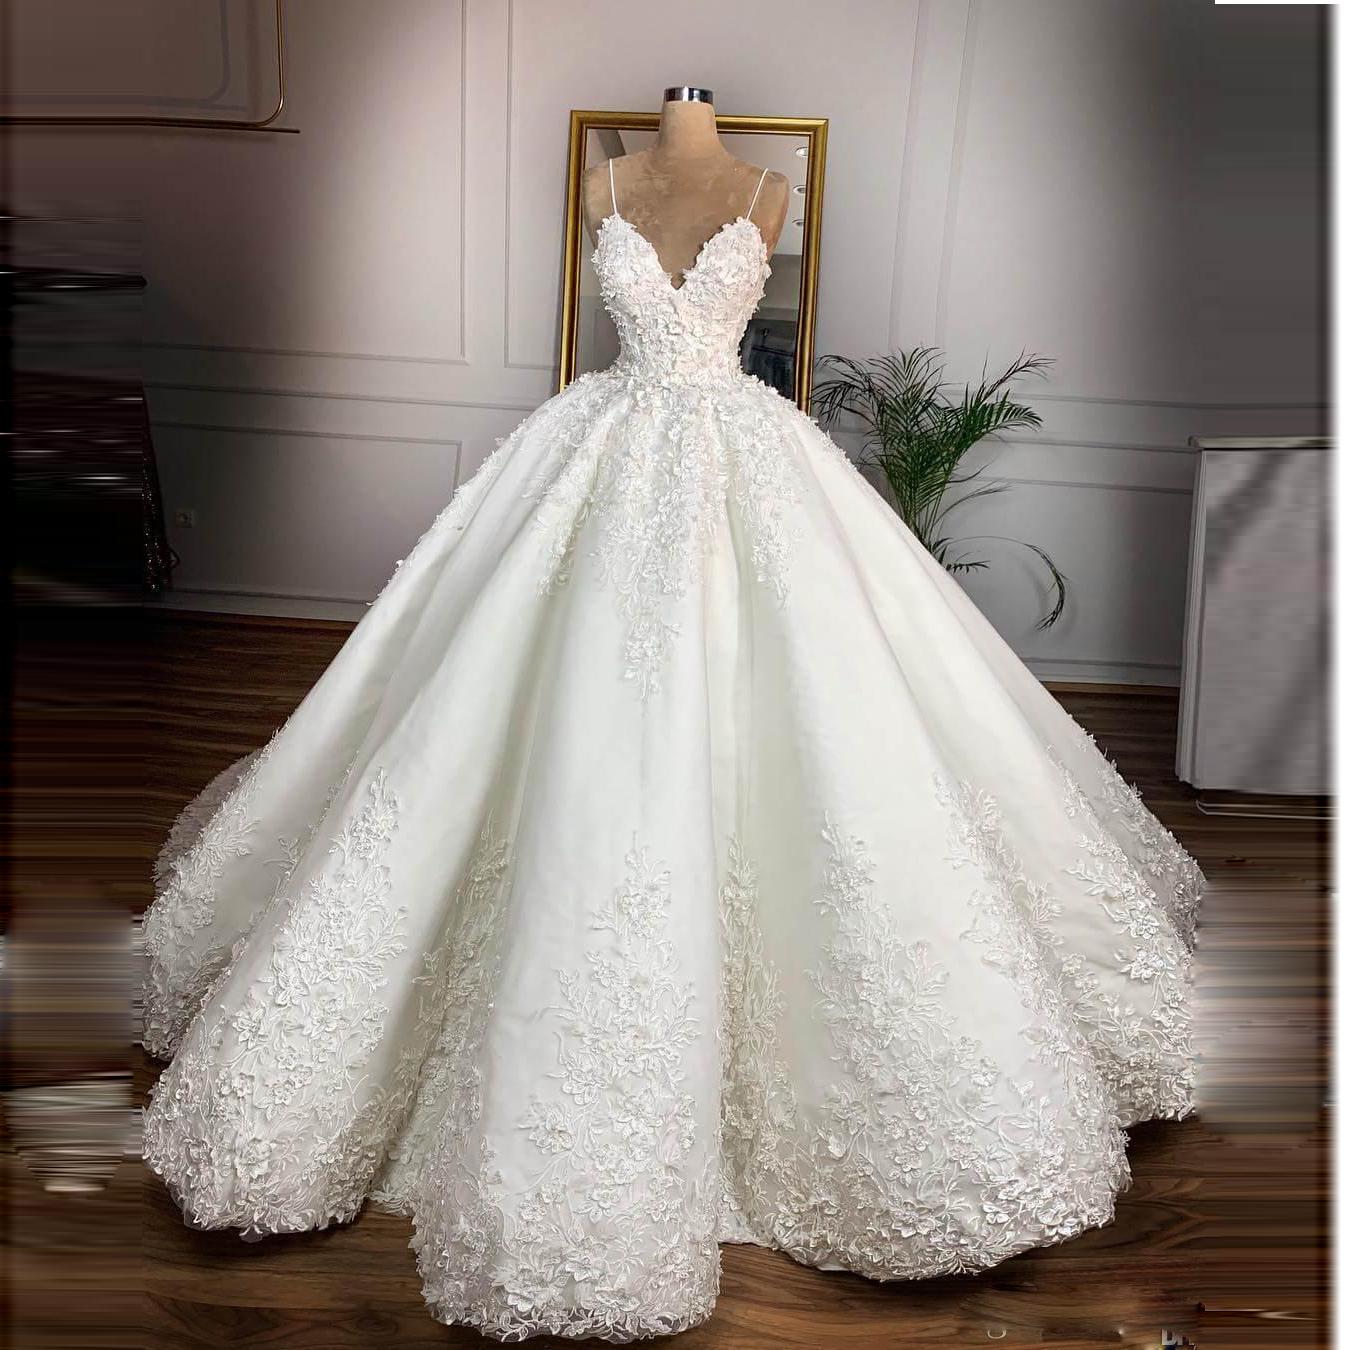 Vestiti Da Sposa Fantastici.Sconto Cinturino Spaghetti Sexy Vestito Noiva 2020 Cinturino